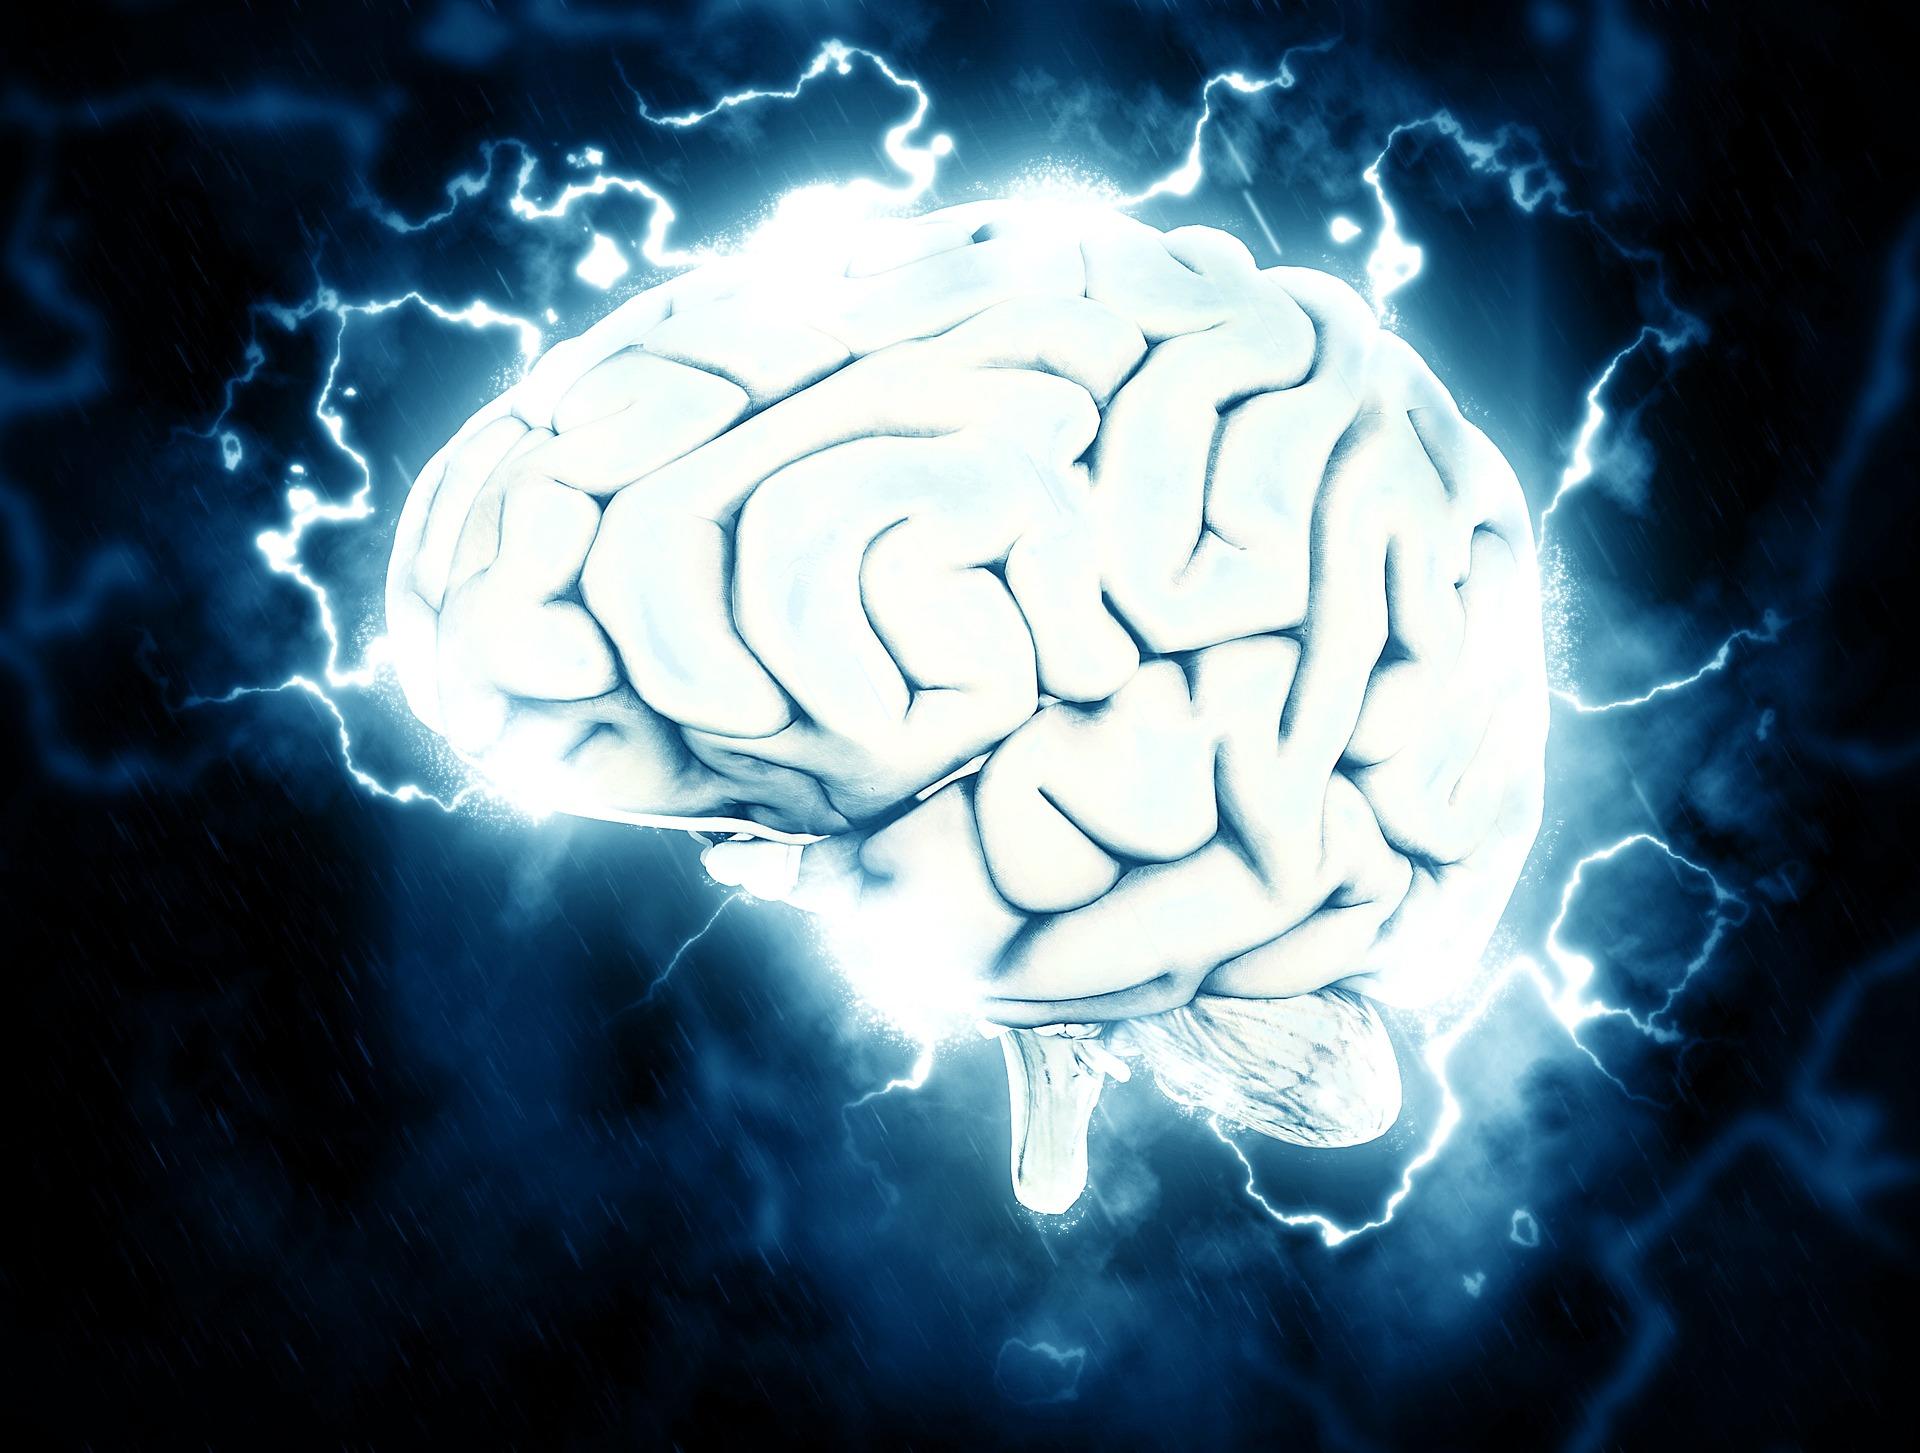 Badaczka mózgu: Wiele problemów psychicznych wynika z braku zrozumienia, jak działają nasze umysły